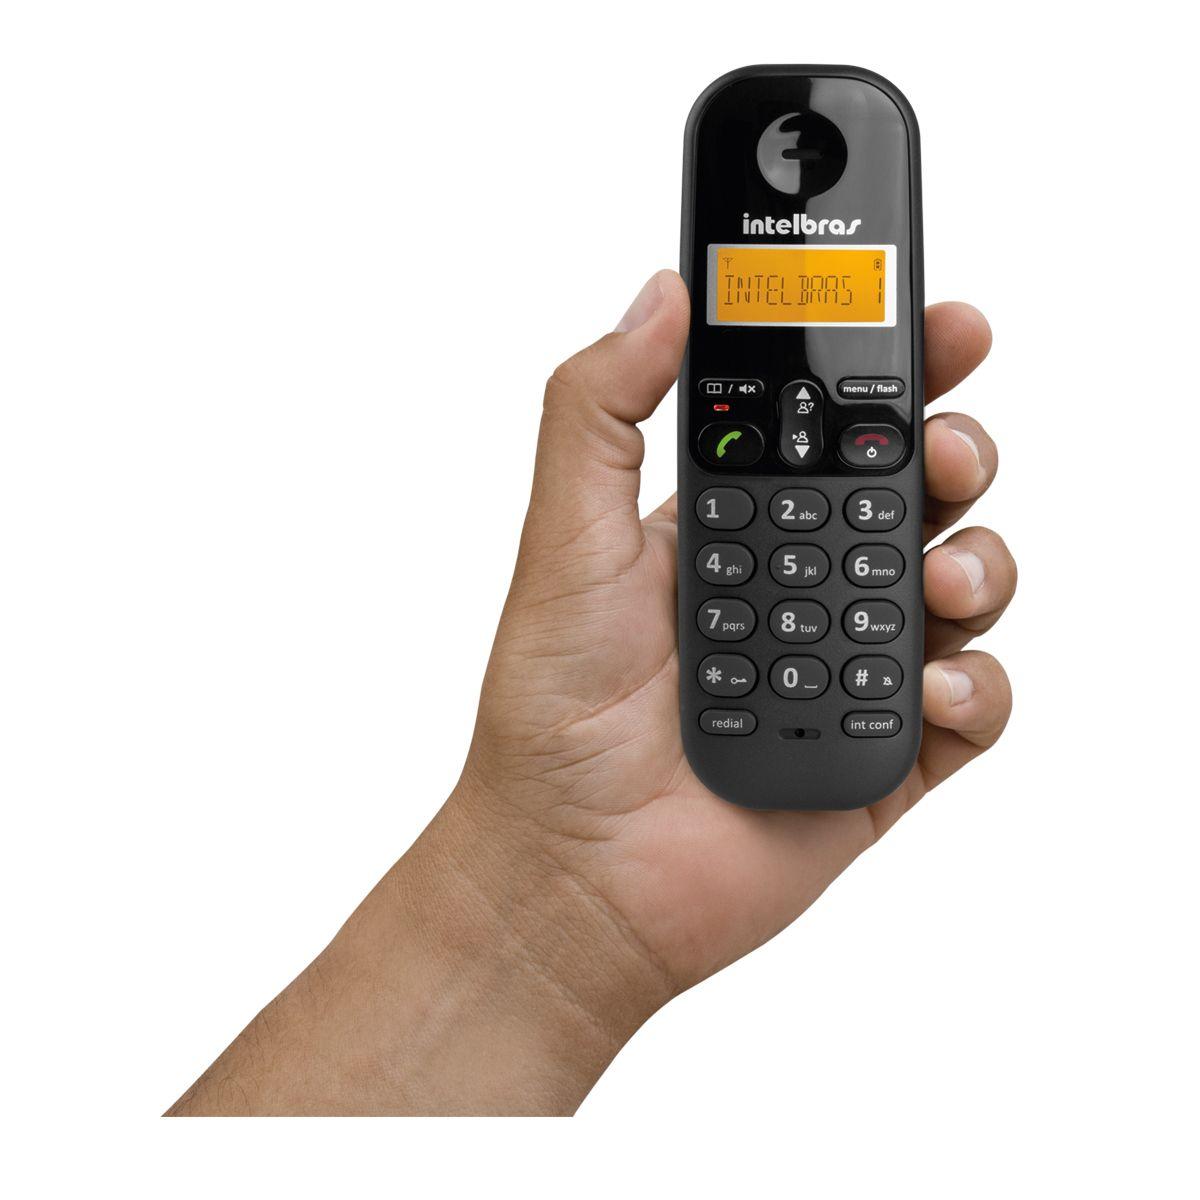 Telefone Intelbras TS 3110 sem fio - Hope Tech Telecomunicações